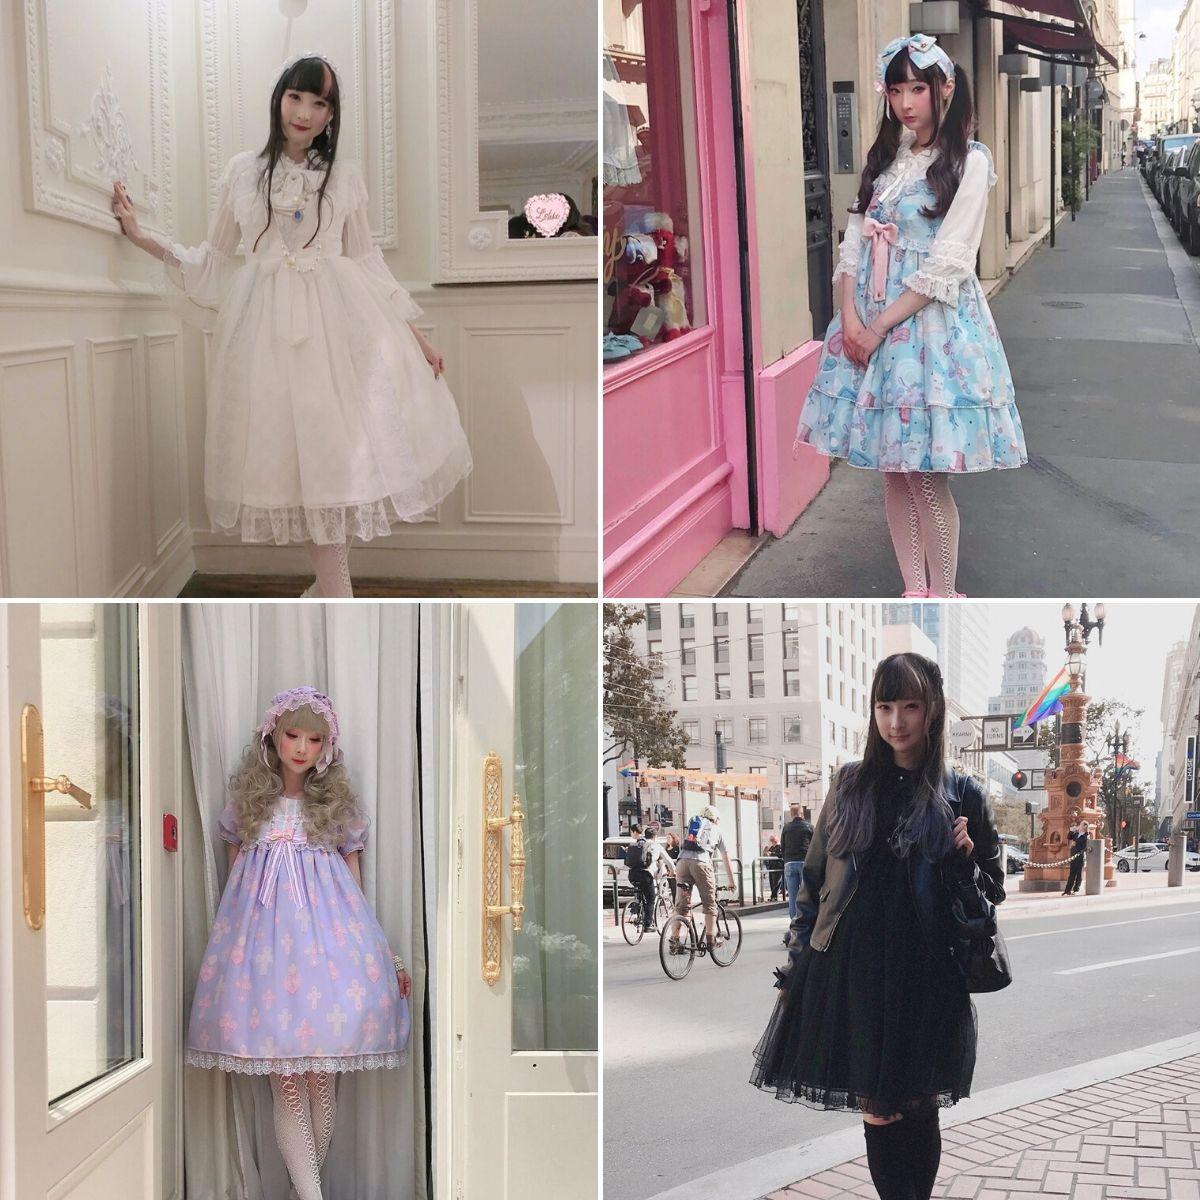 rinrindoll lolita aesthetic instagram